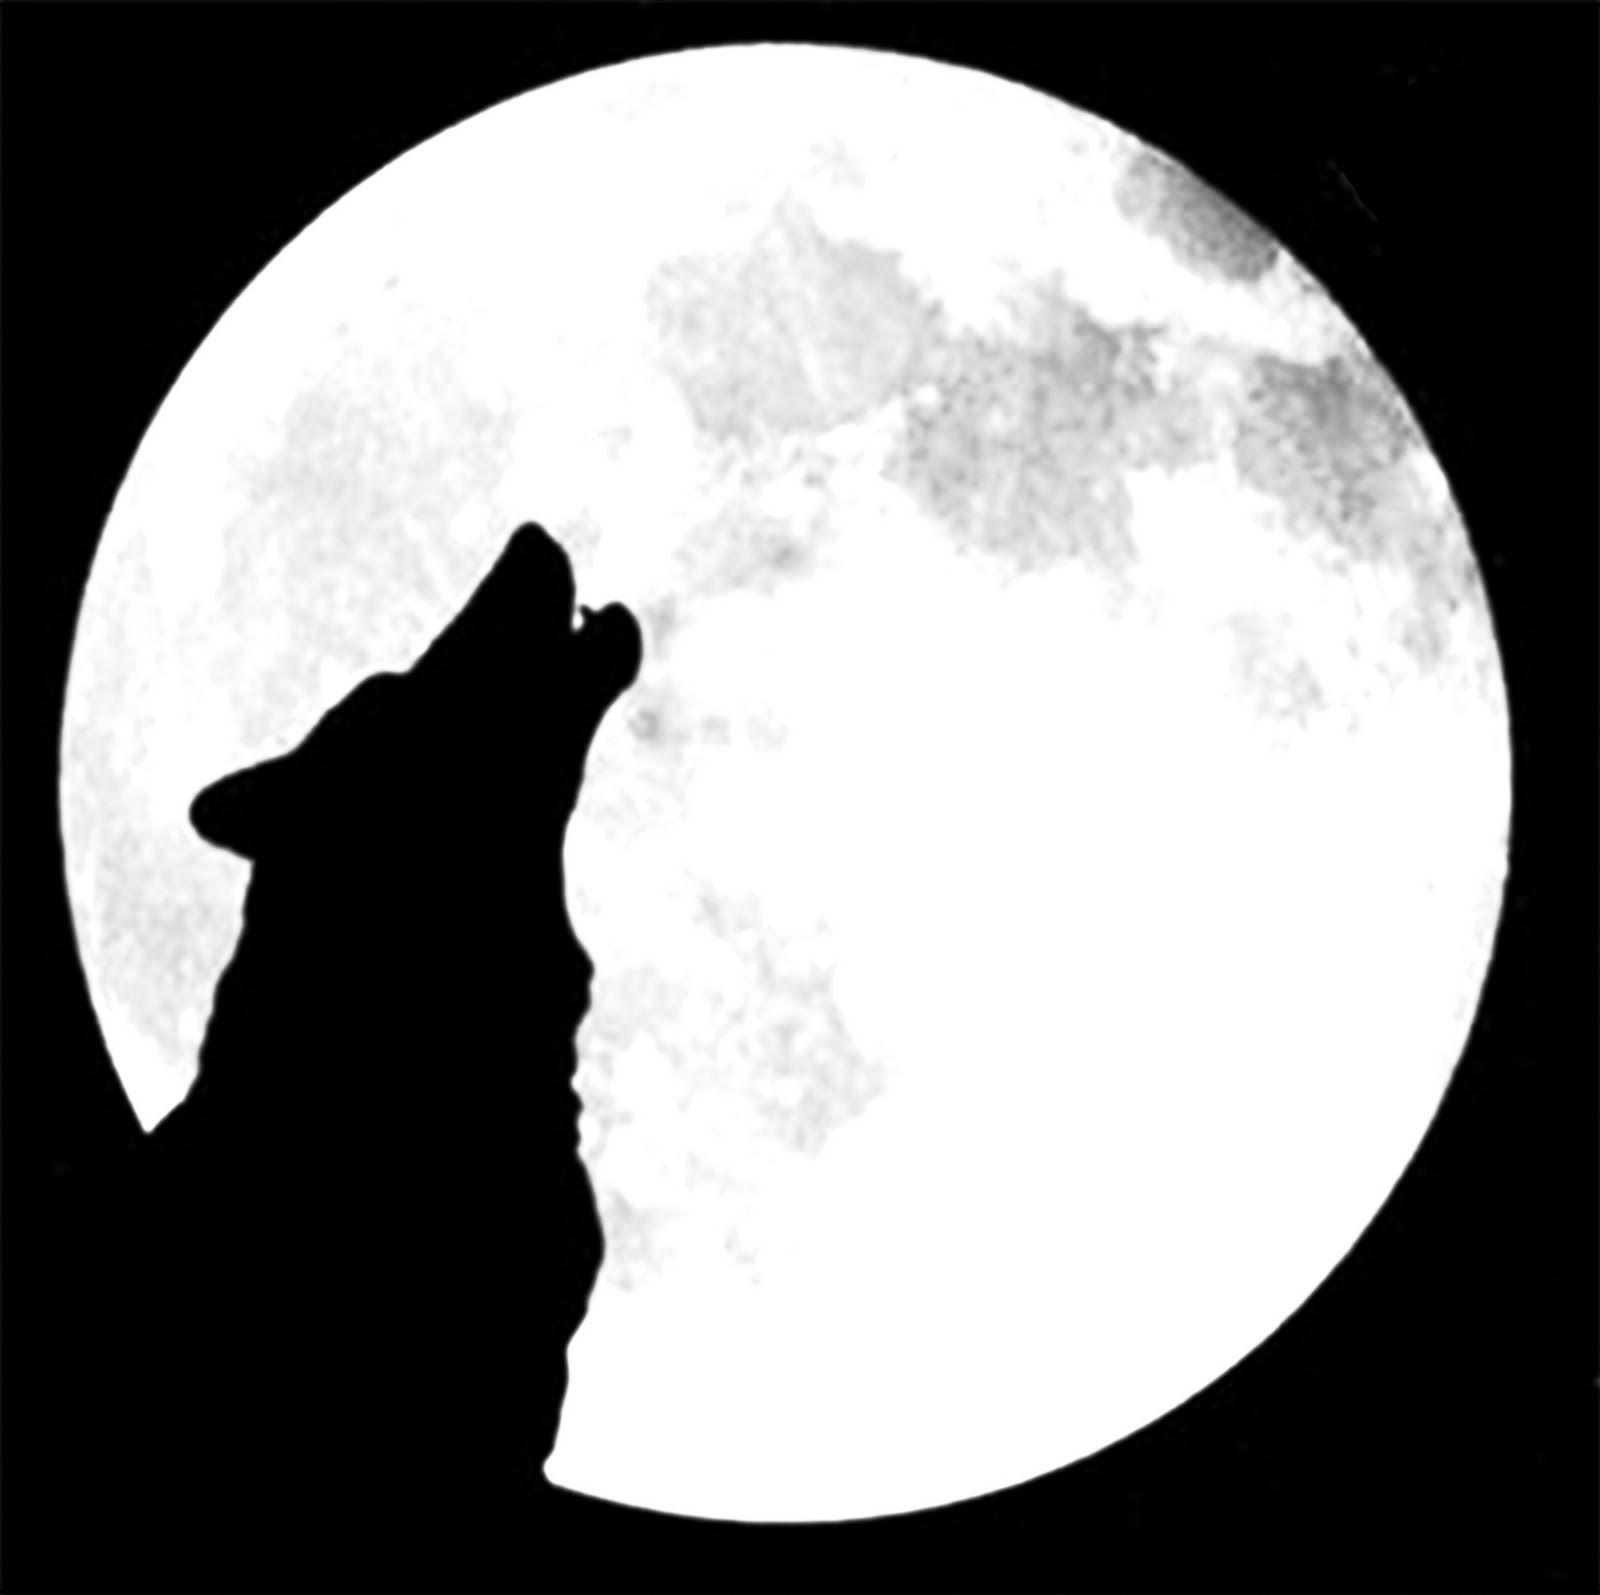 Resultado De Imagen Para Lobo Aullando A La Luna Silueta Caligrama